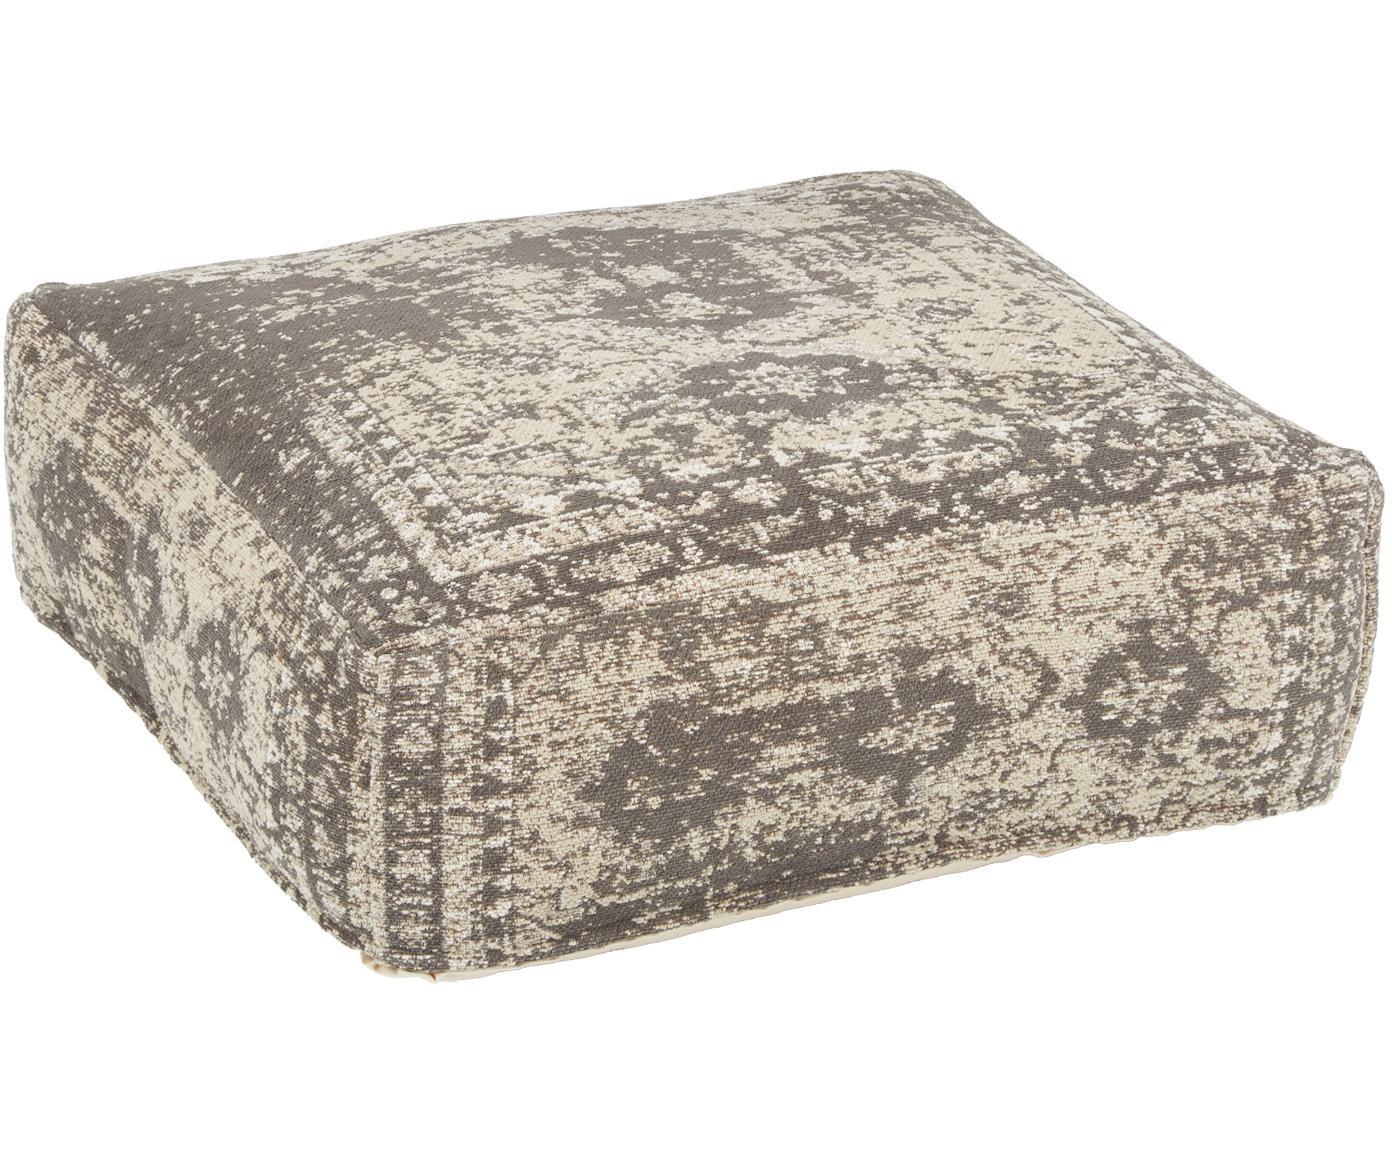 Vintage vloerkussen Rebel, Bekleding: 95% katoen, 5% polyester, Donkergrijs, crèmekleurig, 70 x 70 cm